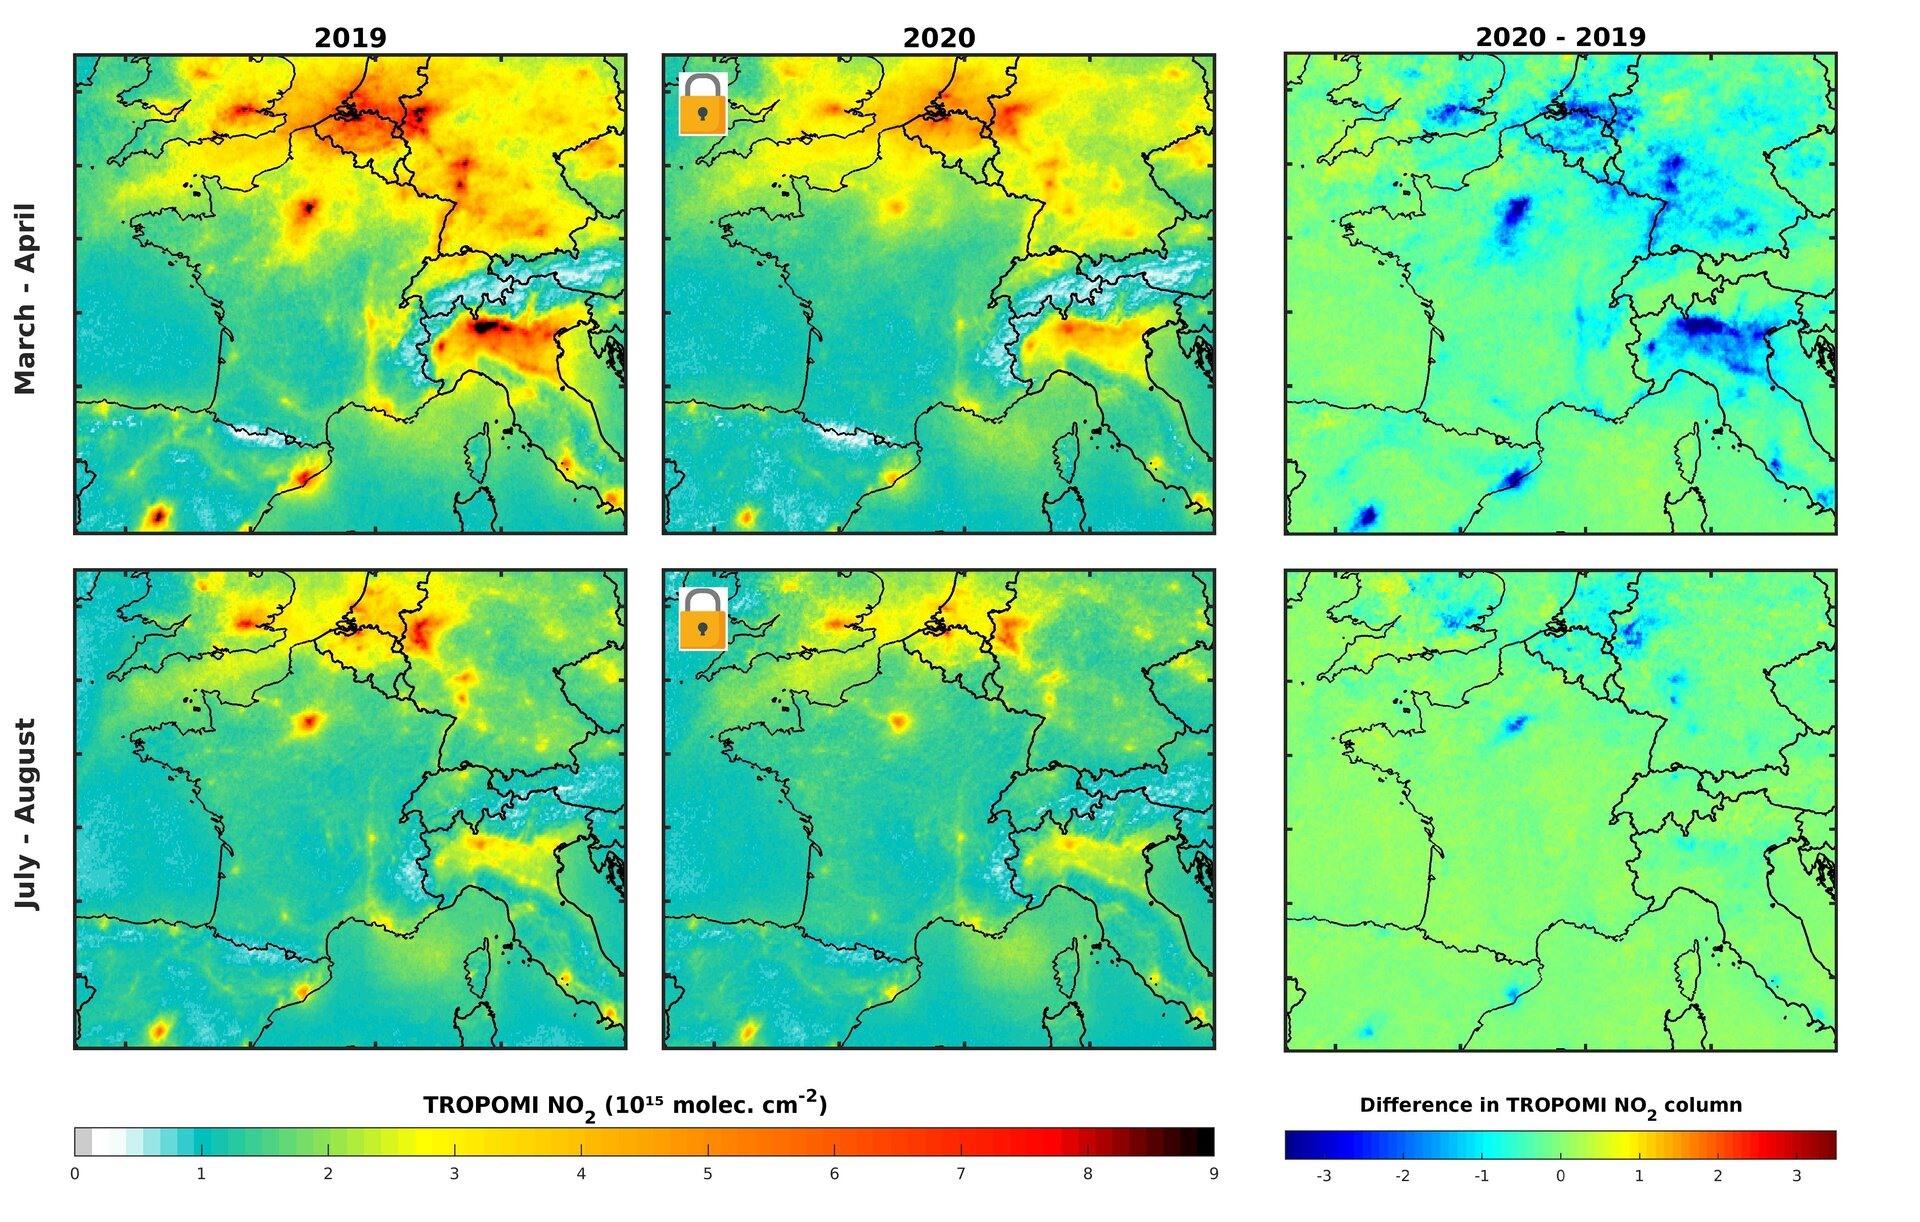 Nồng độ NO2 tại châu Âu giảm rõ rệt sau khi áp dụng các lệnh phong tỏa vì Covid-19. Ảnh: Cơ quan vũ trụ châu Âu (ESA)